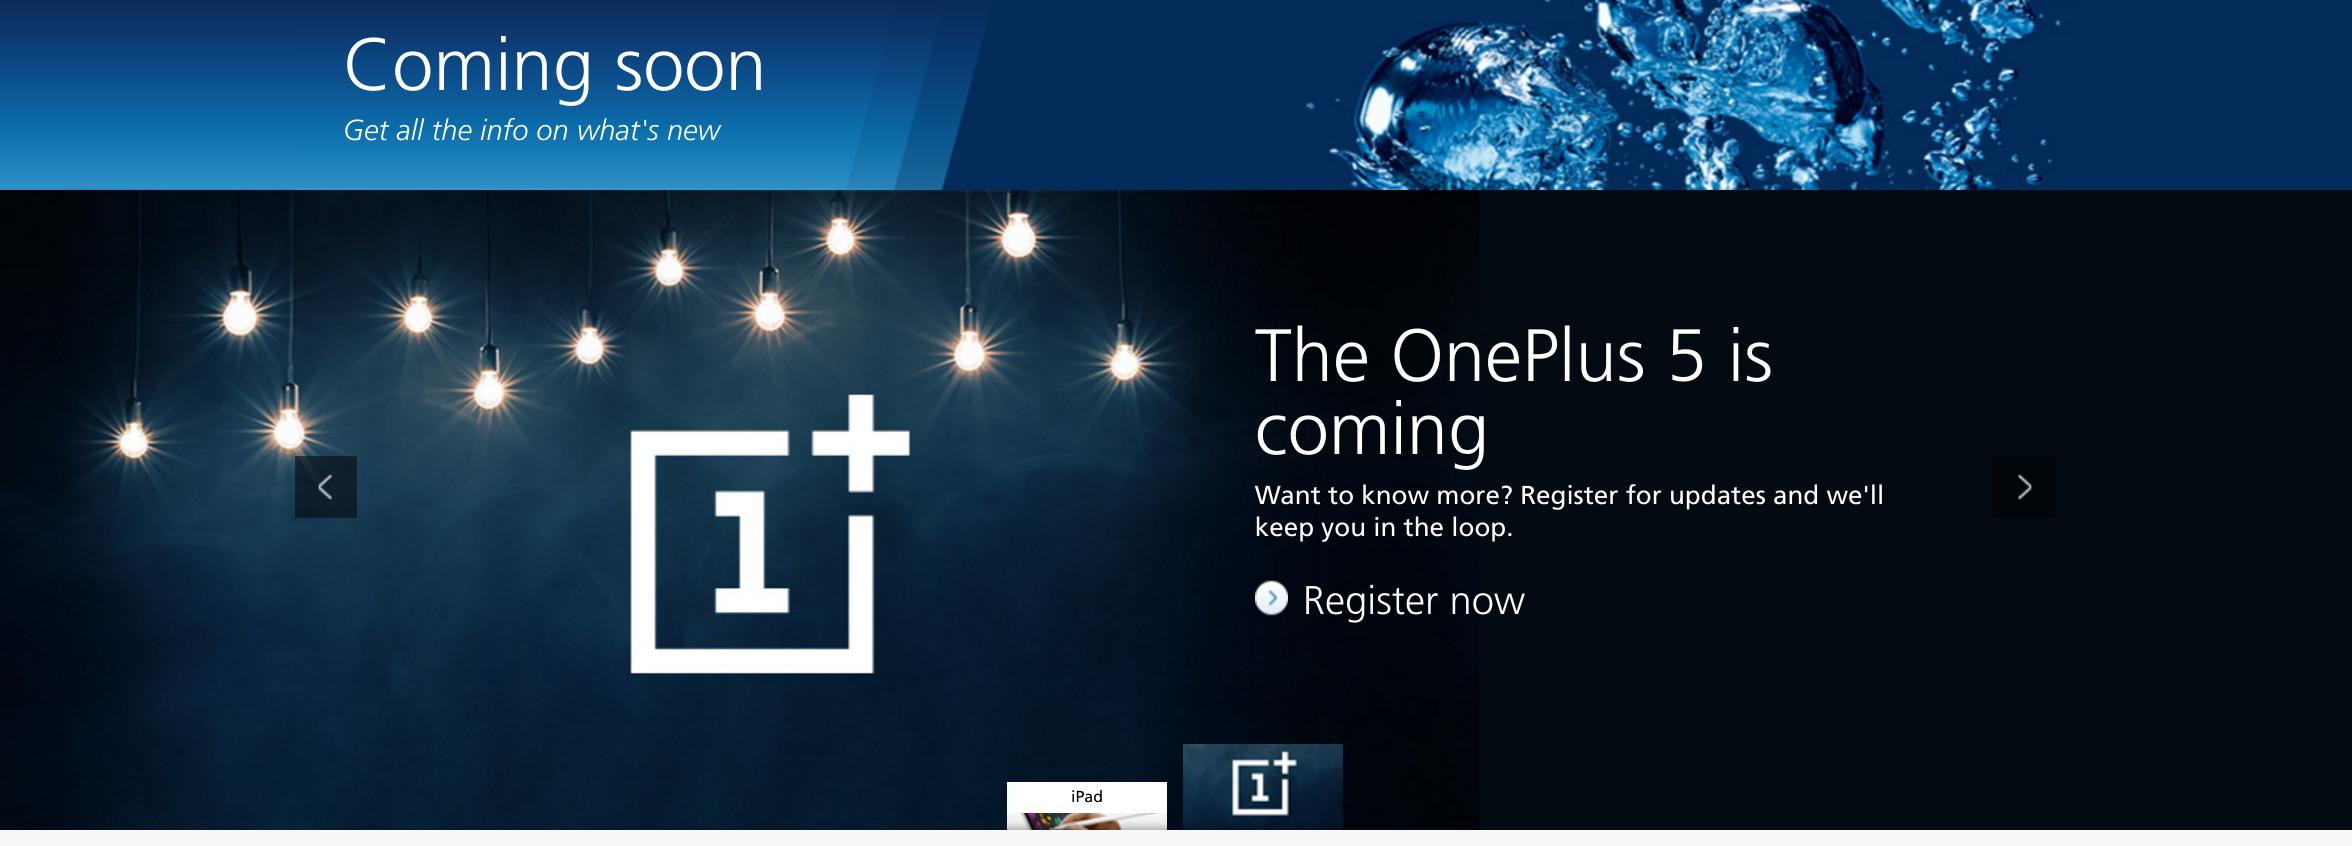 OnePlus 5 O2 UK